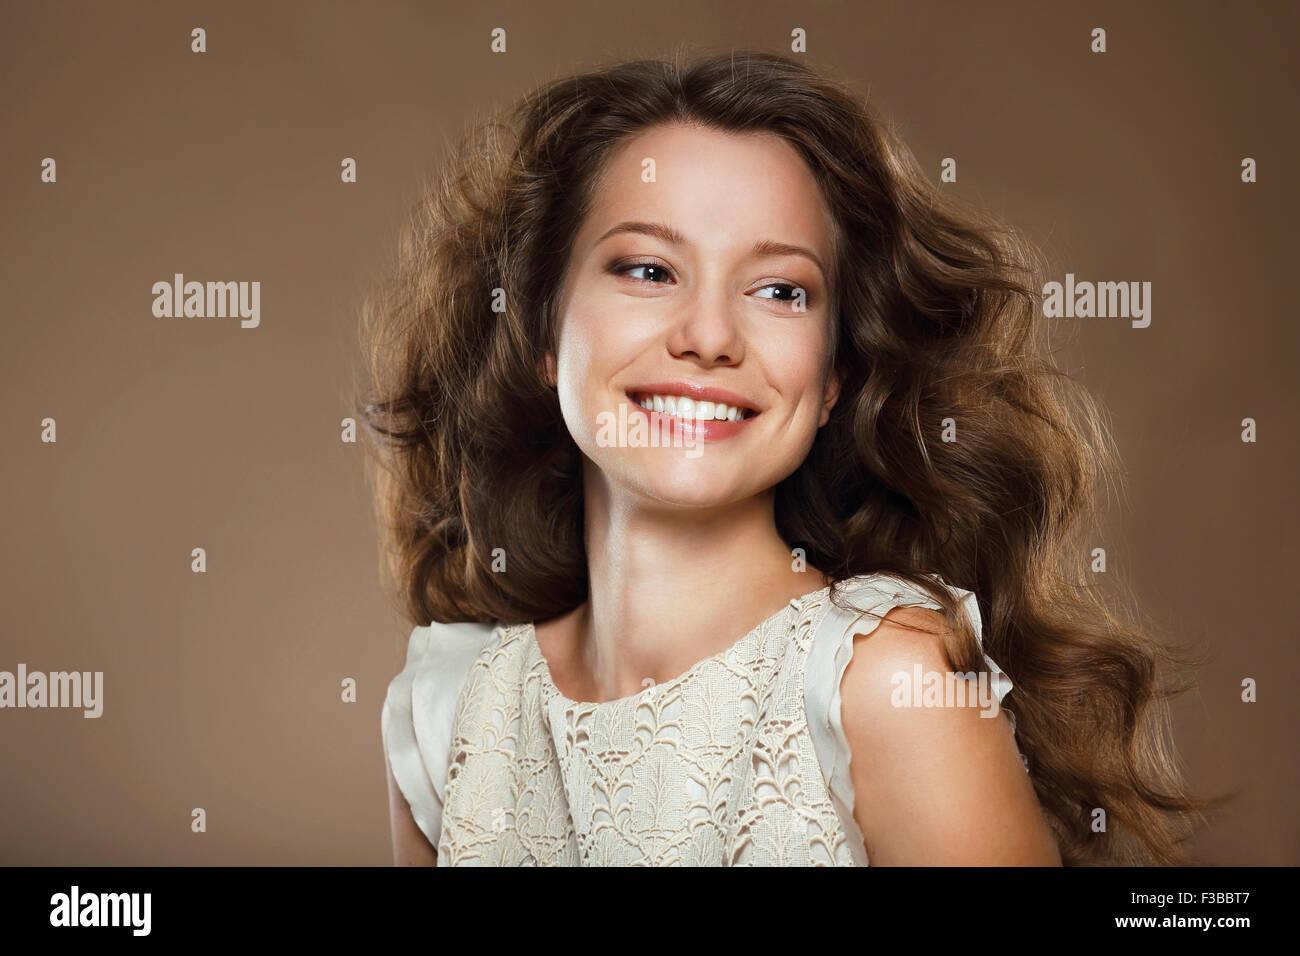 Sorriso Toothy. Ritratto di Felice bella bruna Immagini Stock